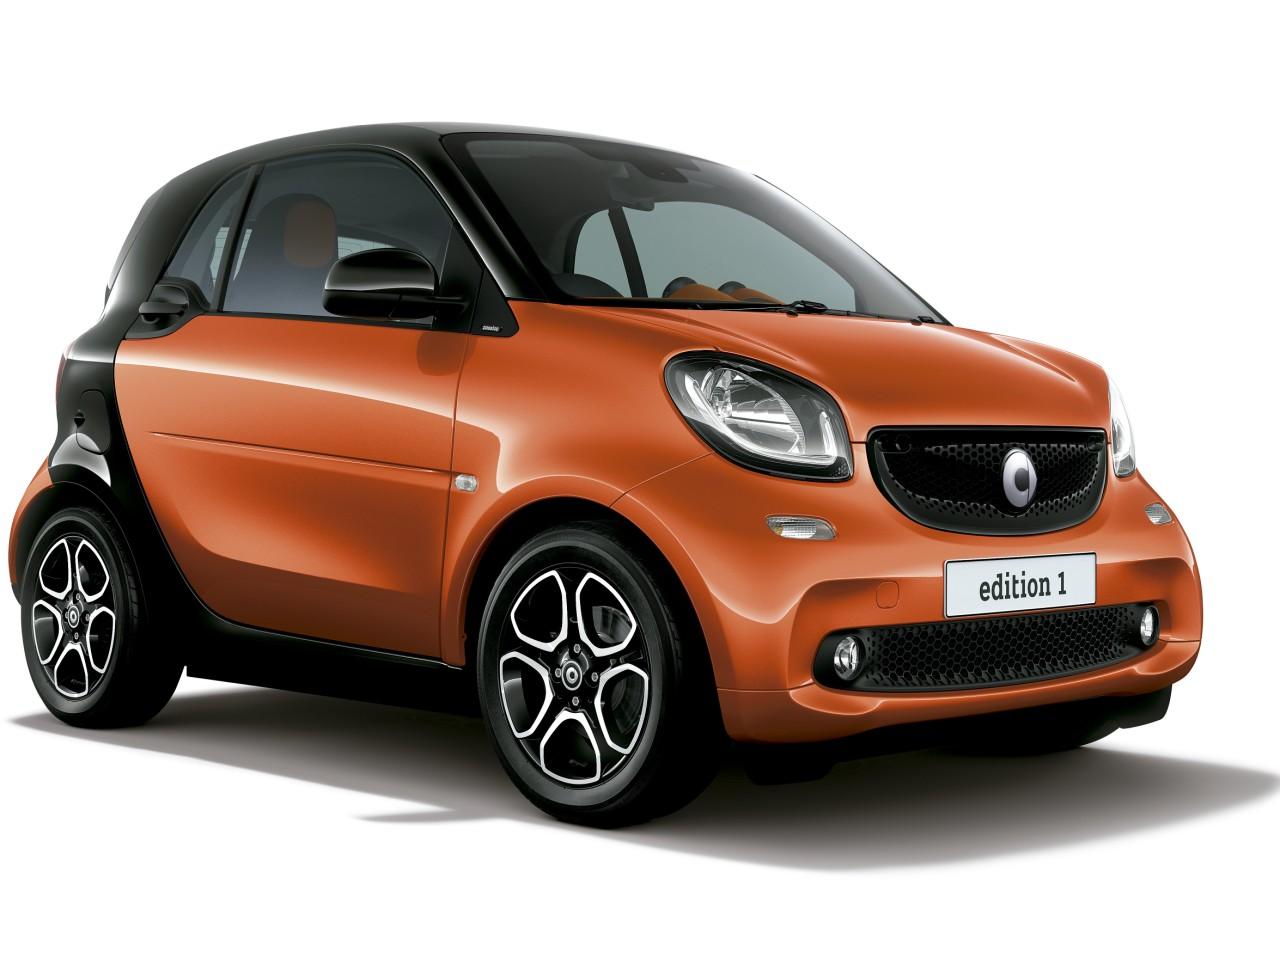 スマート フォーツー クーペ 2015年モデル 新車画像